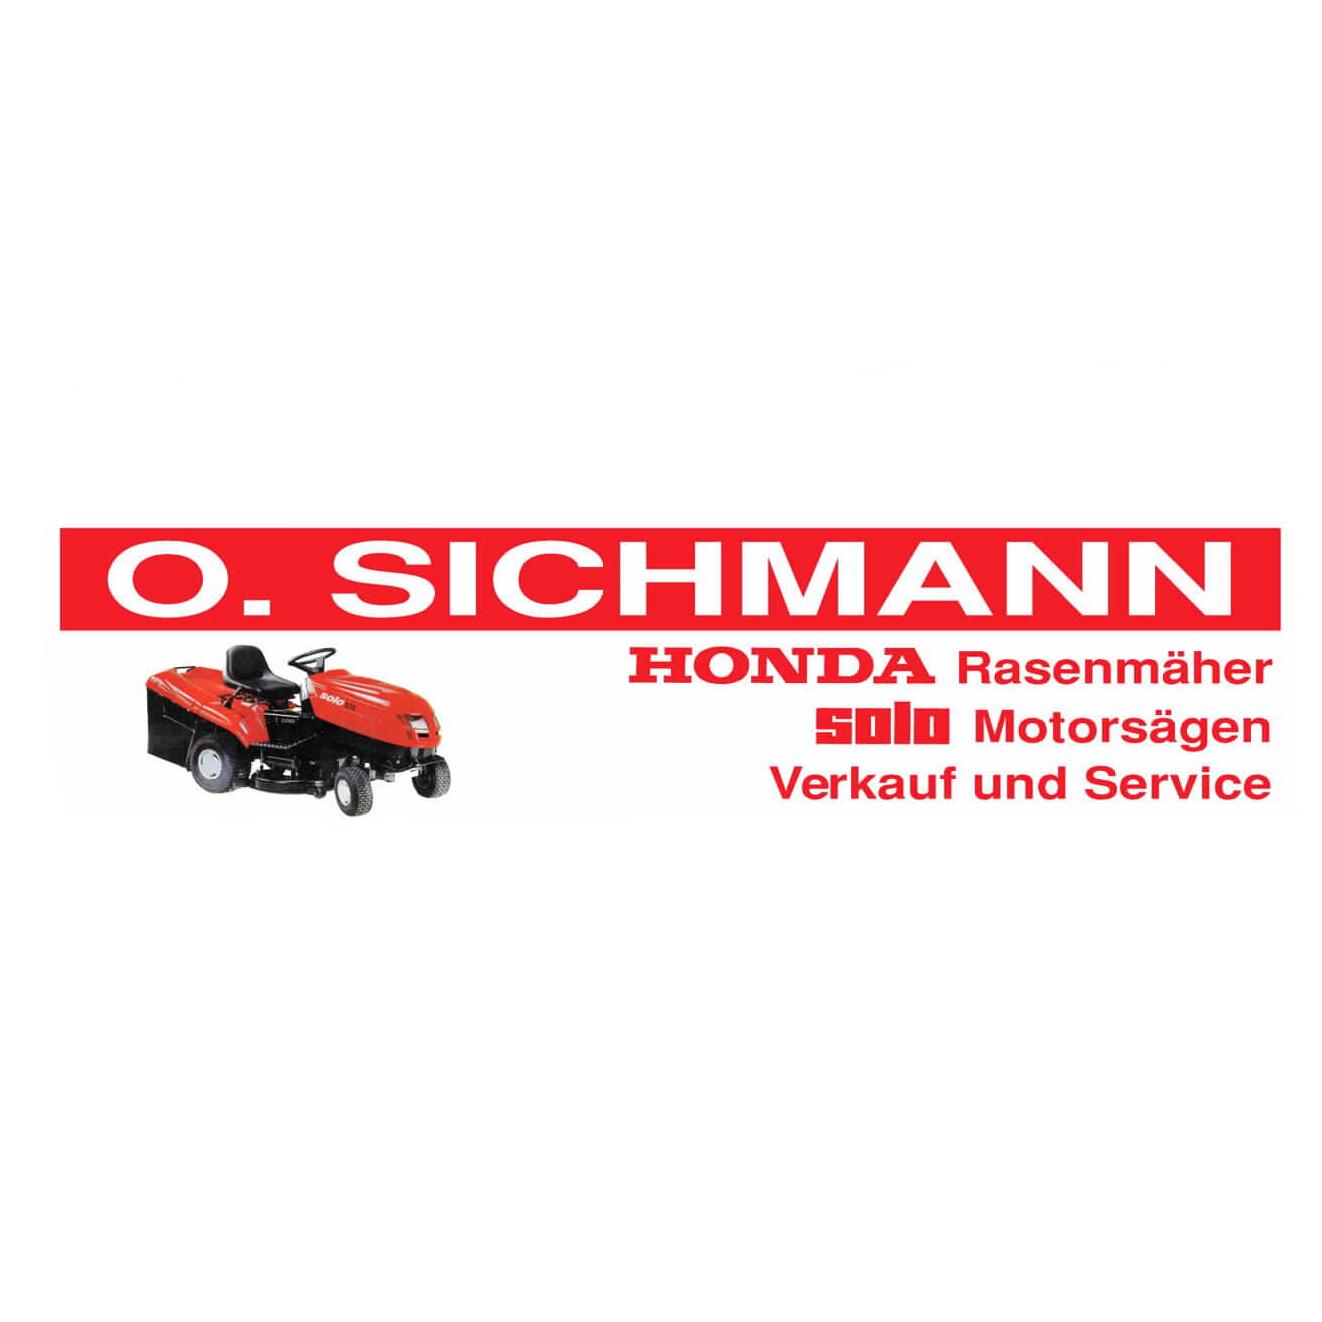 Oliver Sichmann - Gartengeräte - Kleinmotoren - Verkauf und Service